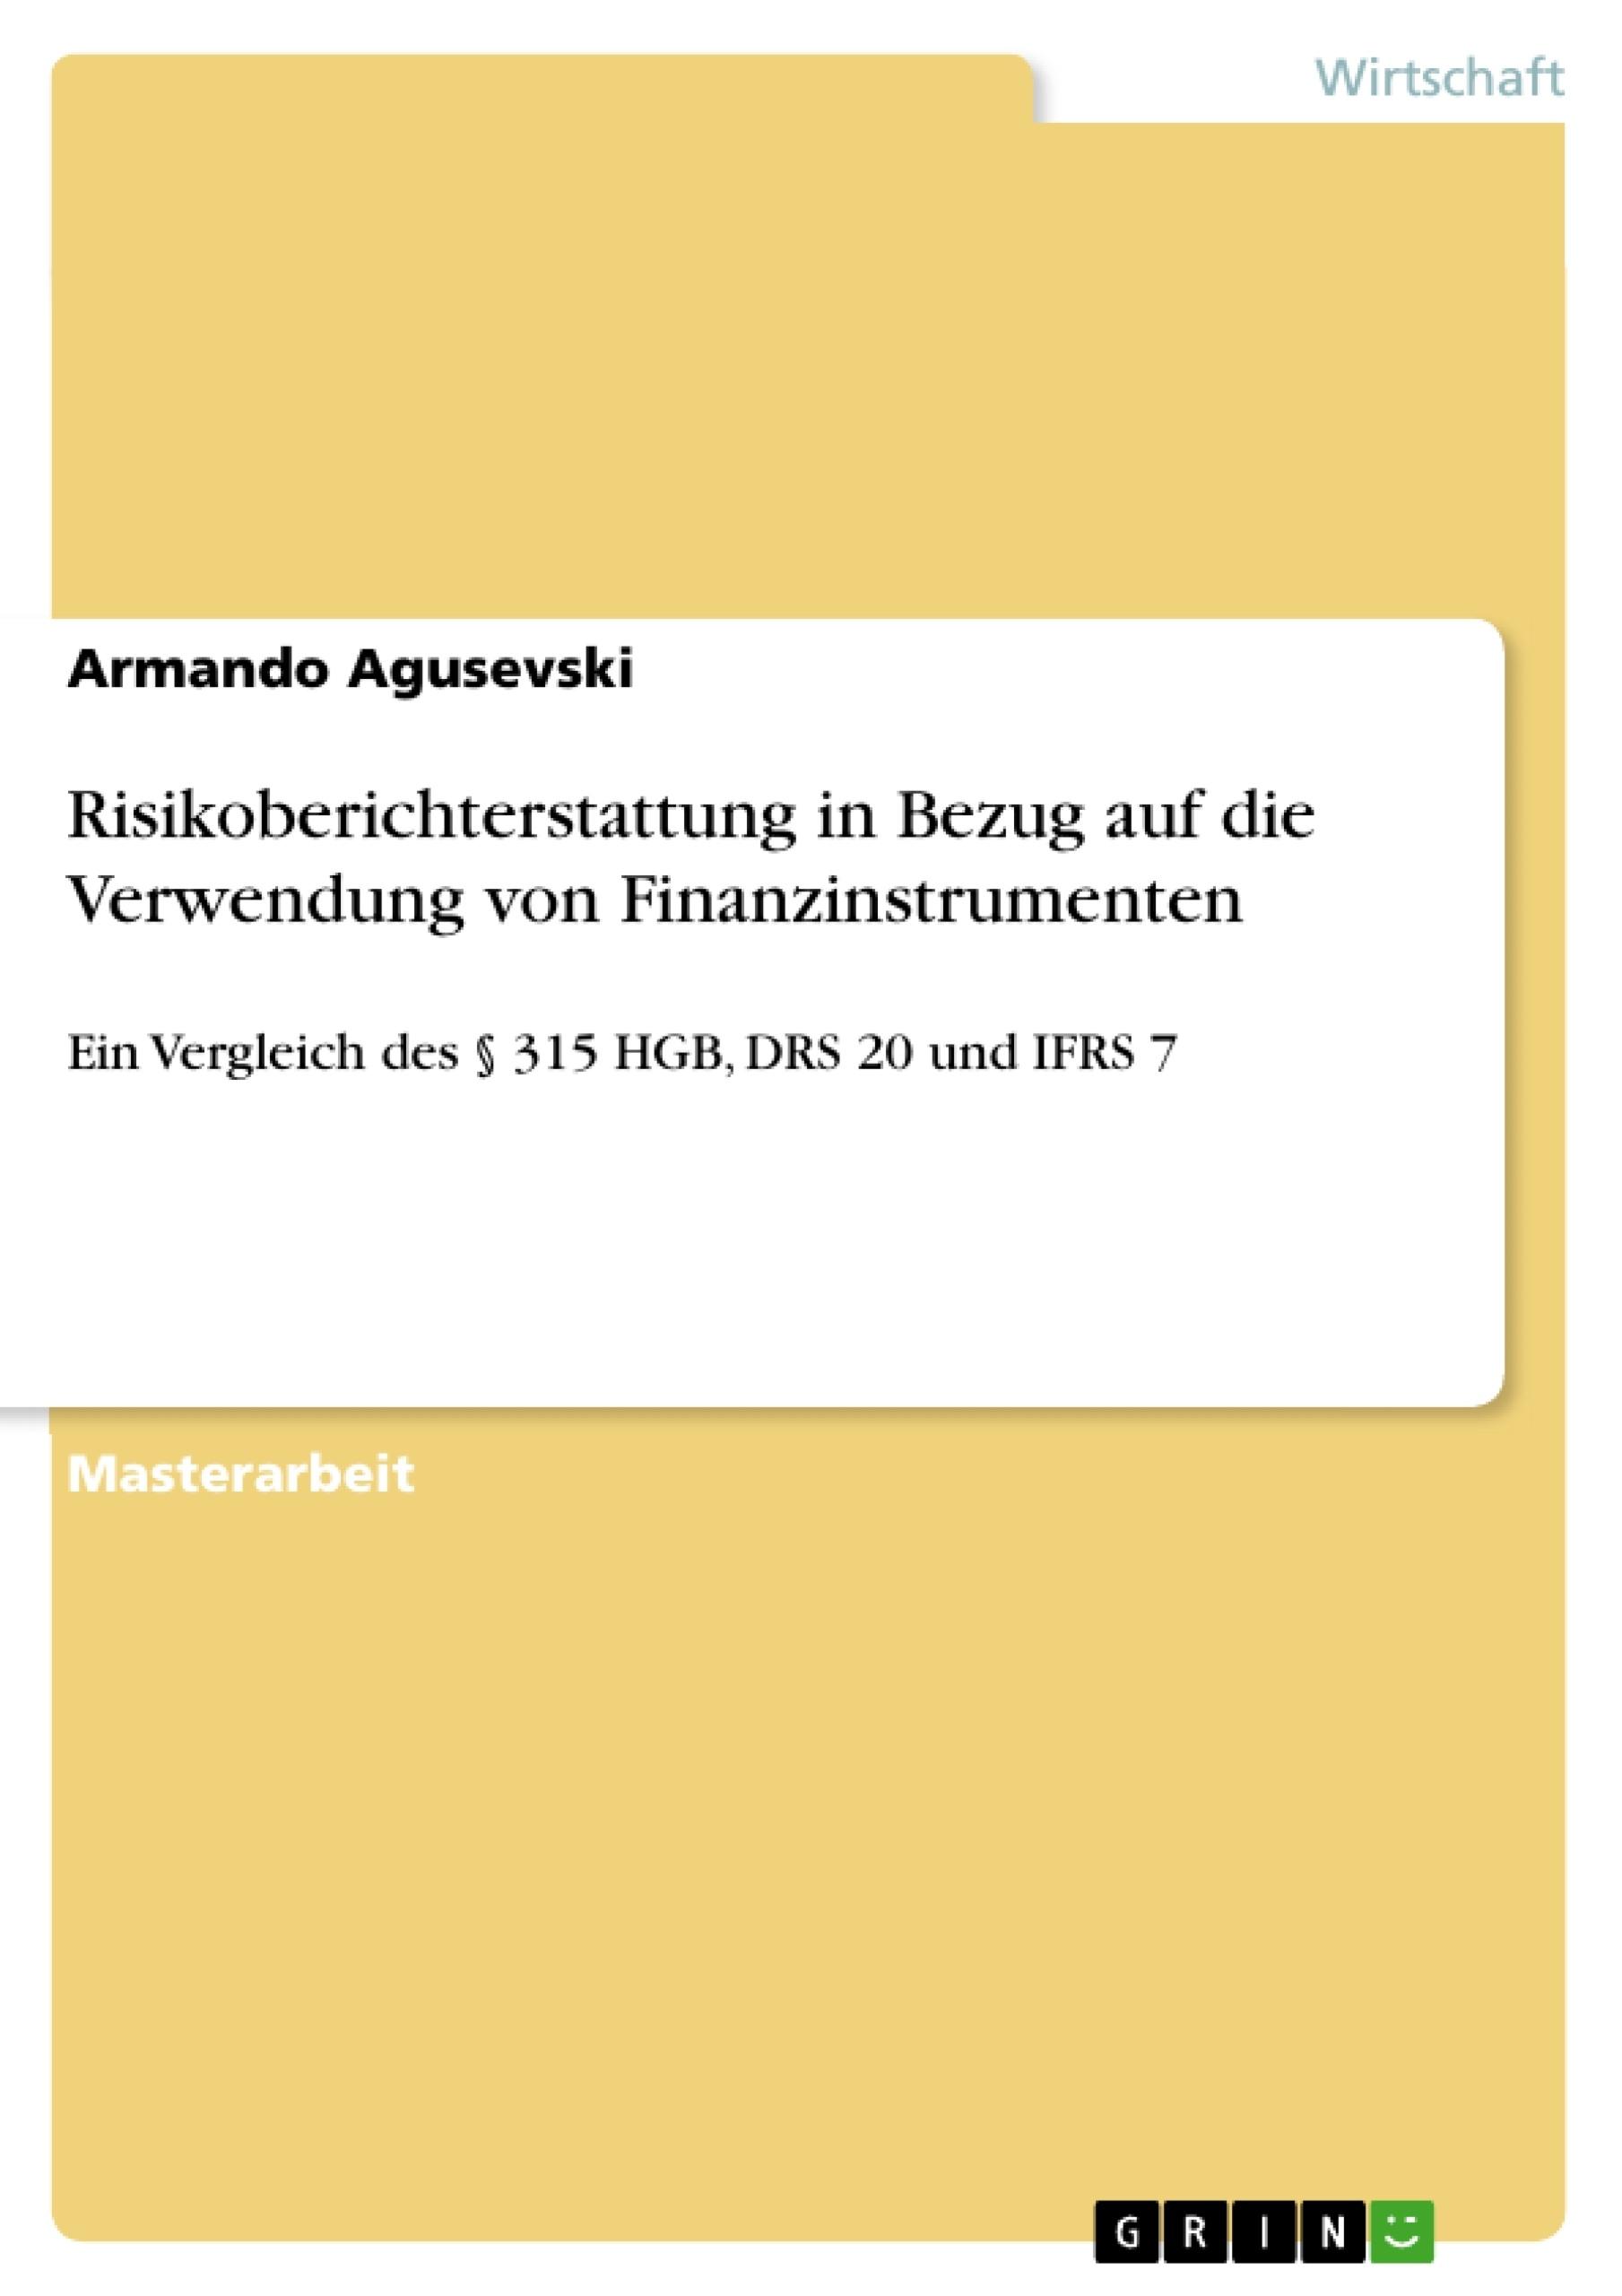 Titel: Risikoberichterstattung in Bezug auf die Verwendung von Finanzinstrumenten